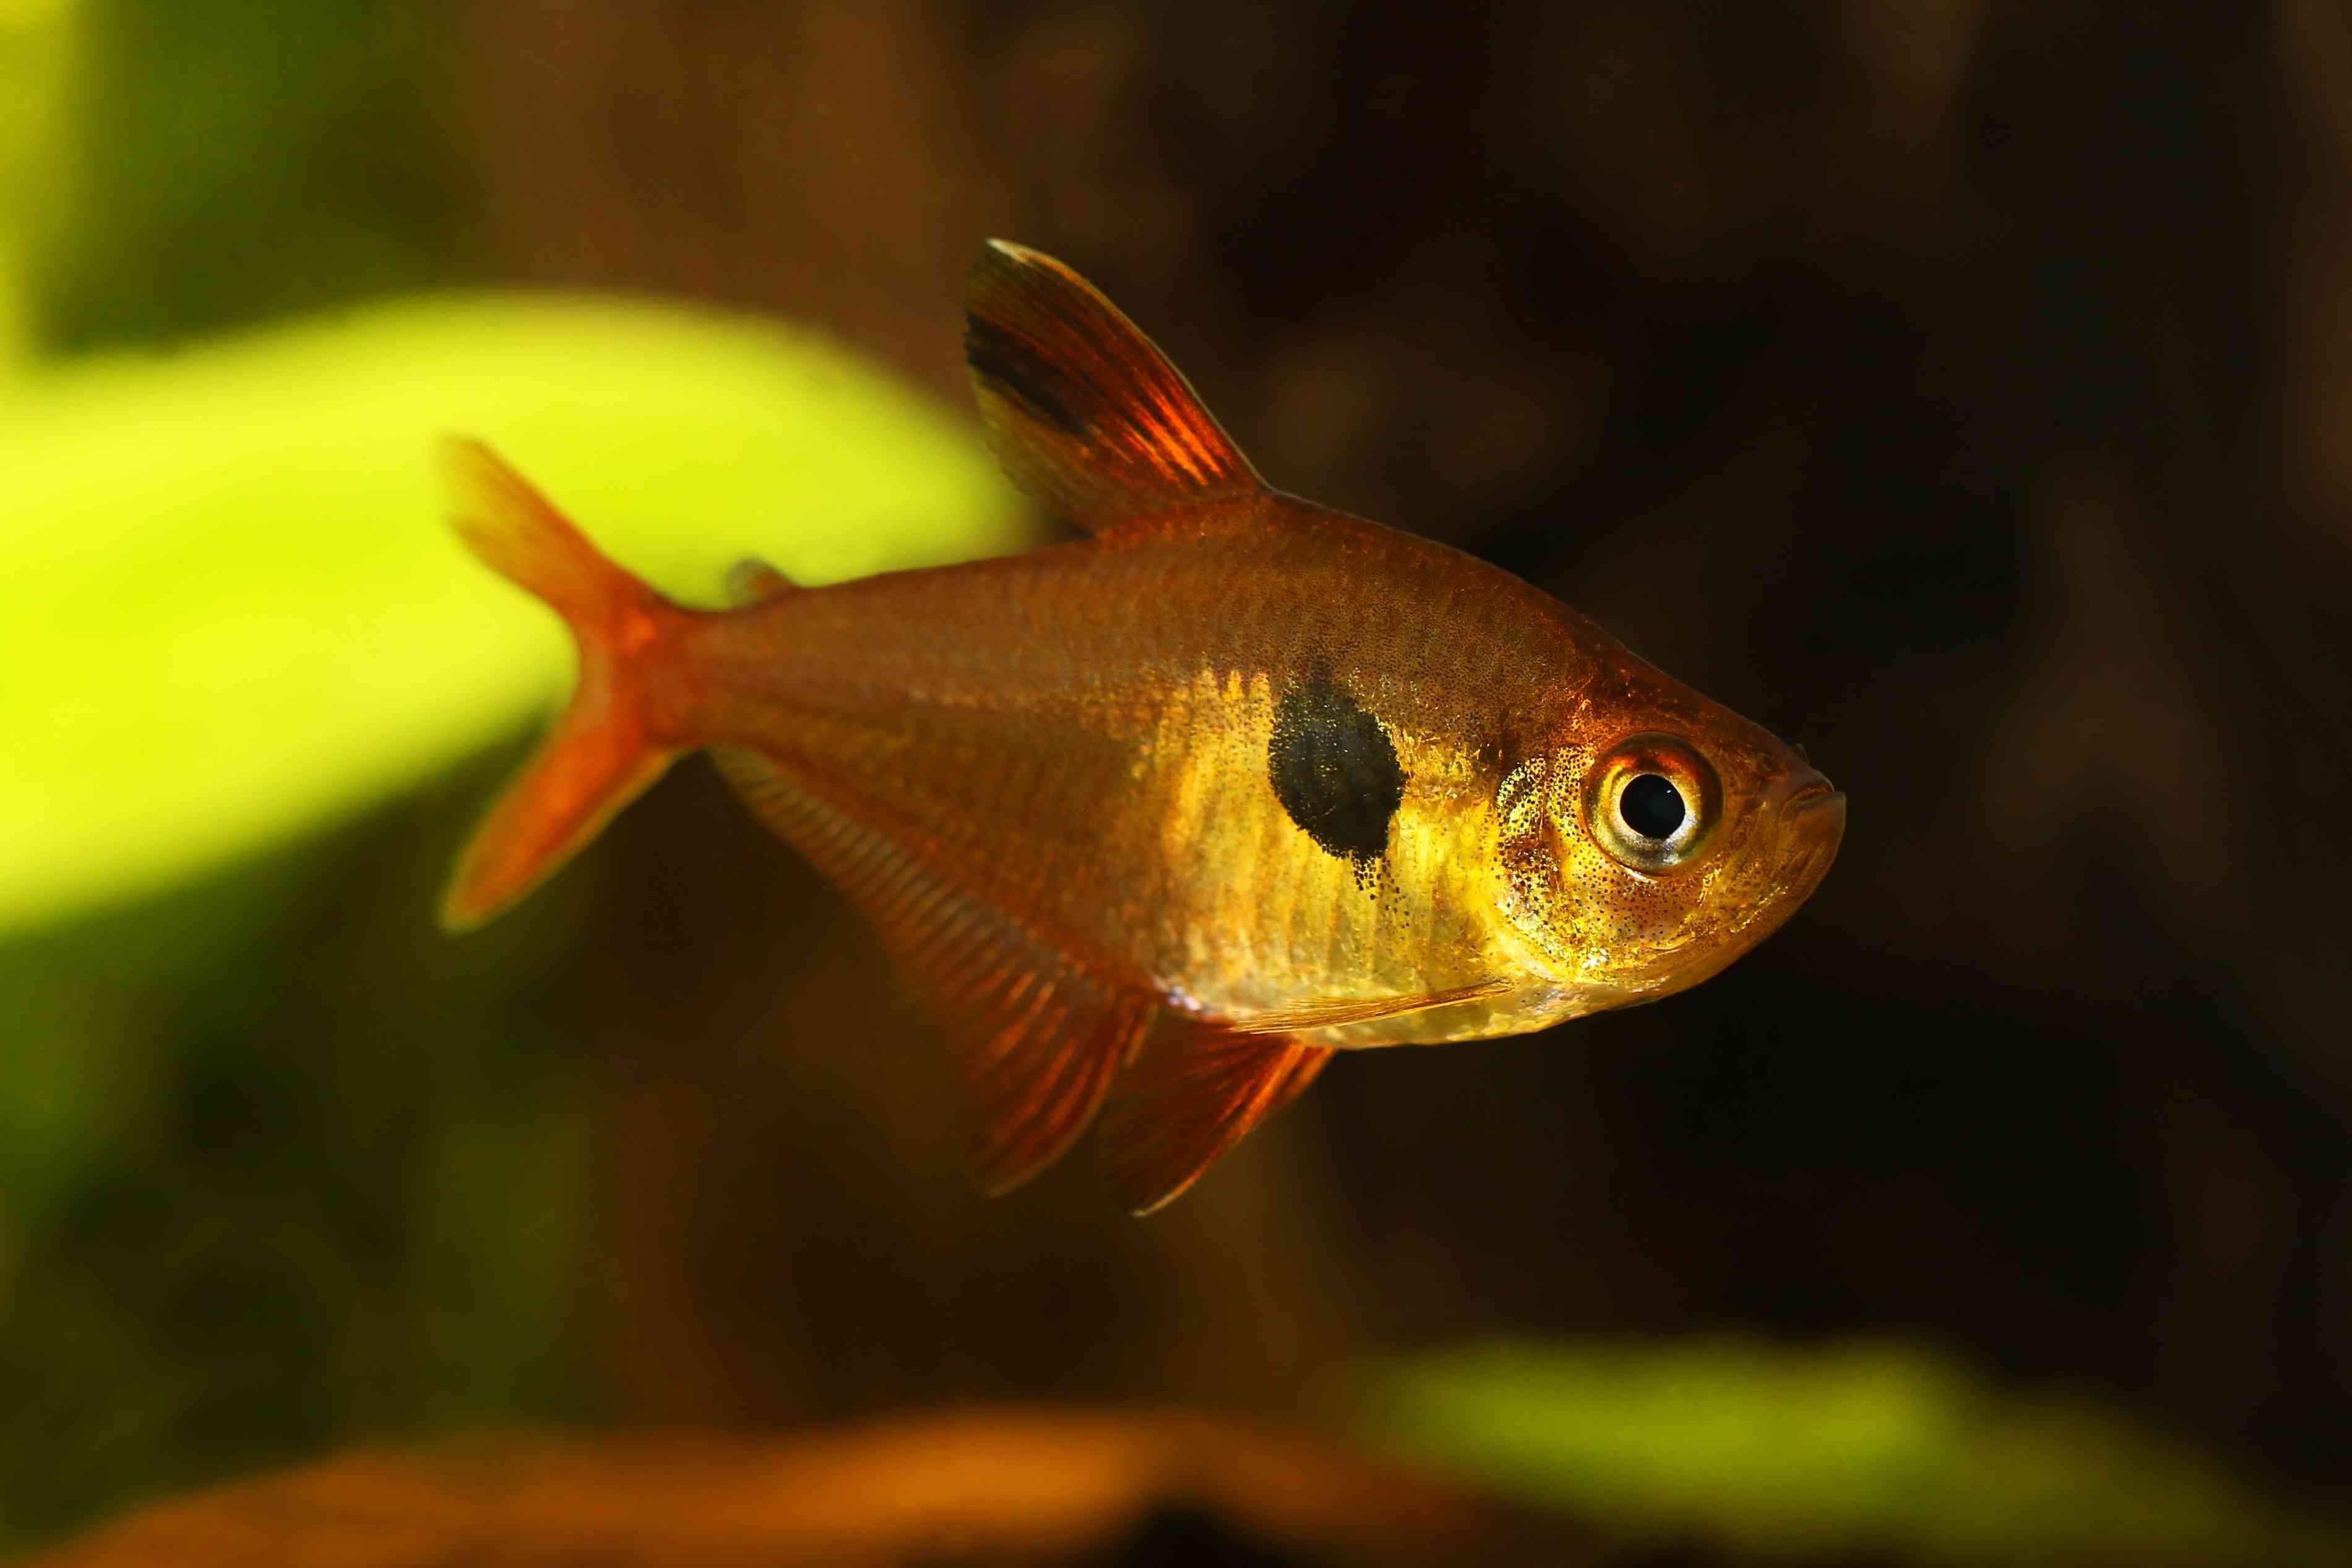 Serpae tetra fish